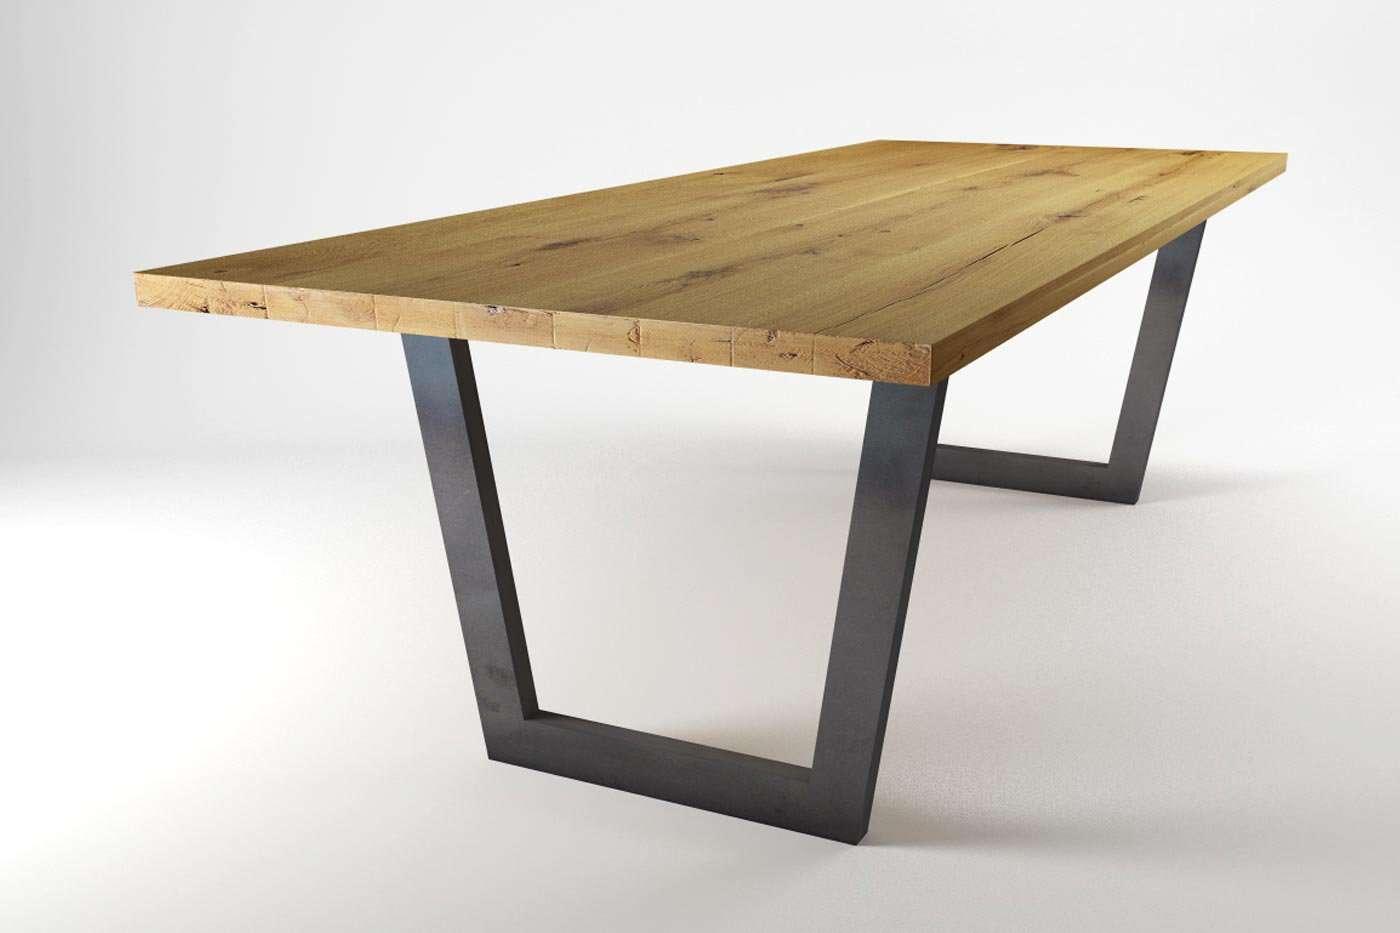 esstisch auf ma ulesta eiche wohnsektion. Black Bedroom Furniture Sets. Home Design Ideas